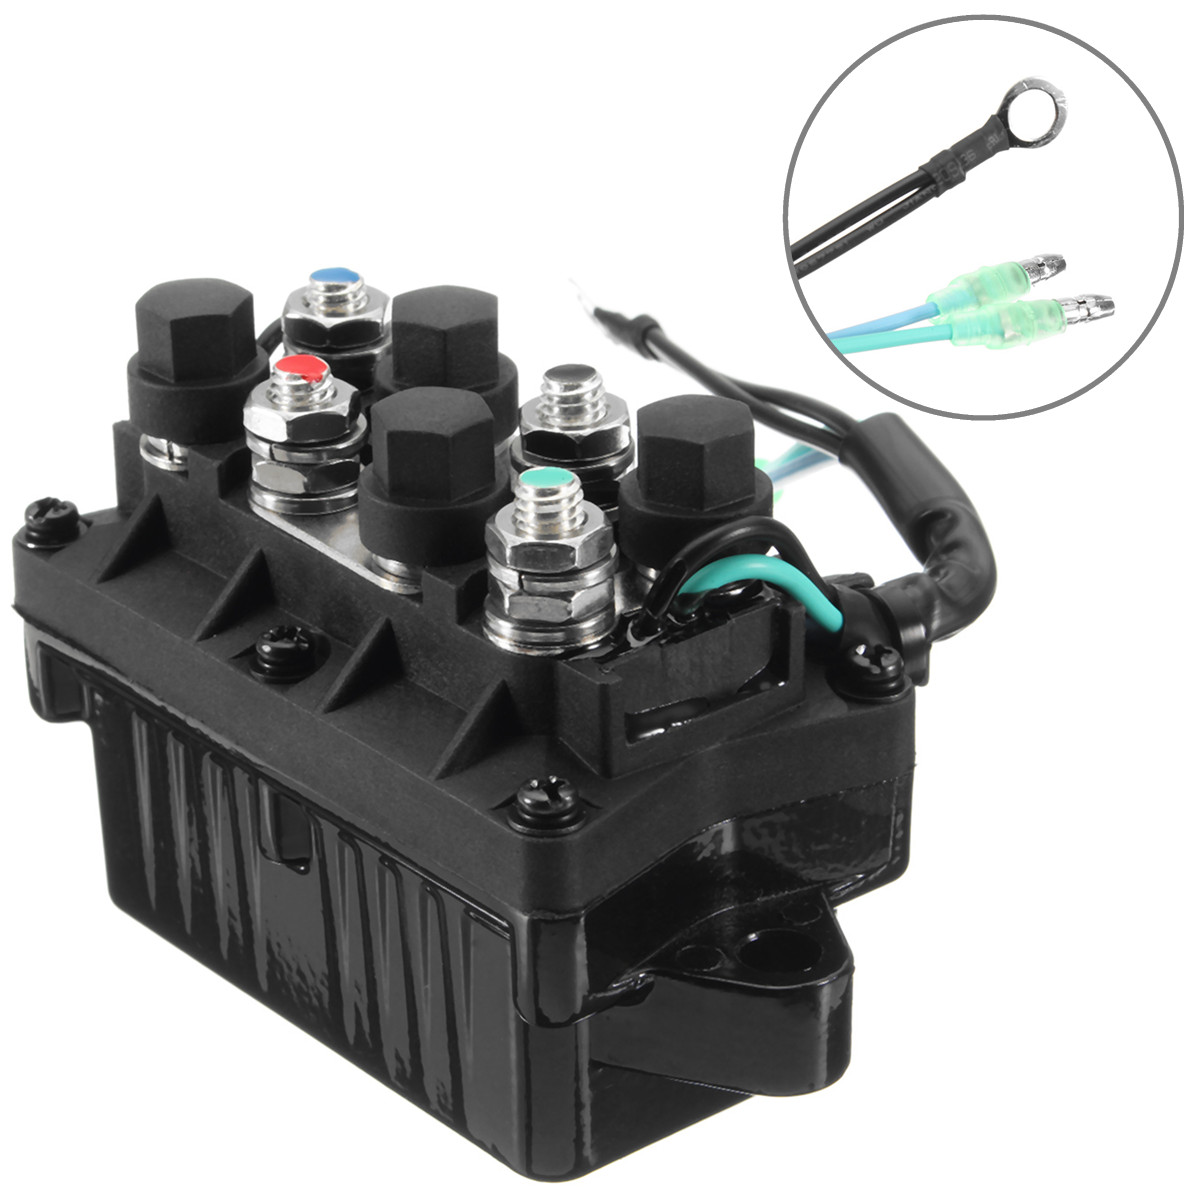 6H1-81950-00-00 3 Pin 12 В +-20% отделкой реле Лодка двигатель мощность для Yamaha 30-90HP двигатели автомобиля 120A водостойкие алюминий, бронза + пластик